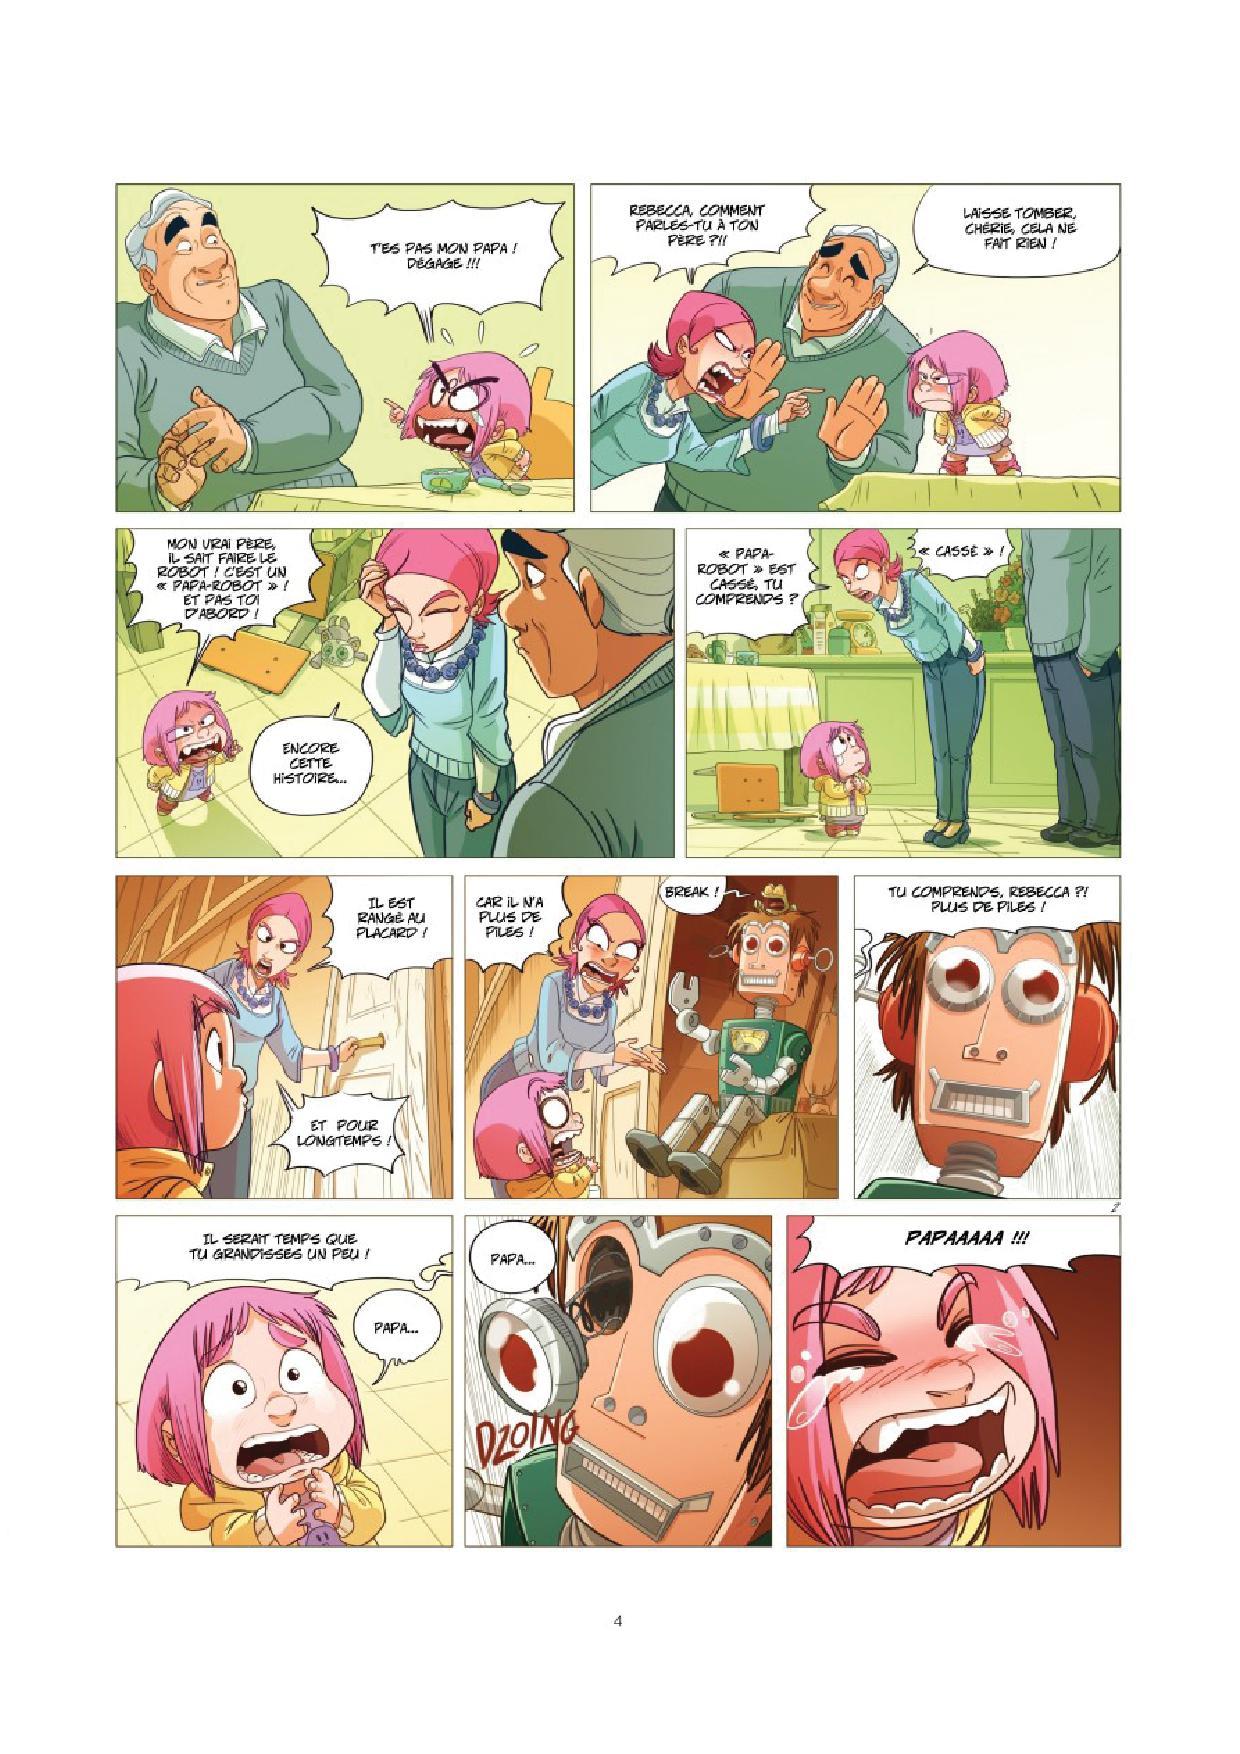 Ernest&Rebecca#3_page4